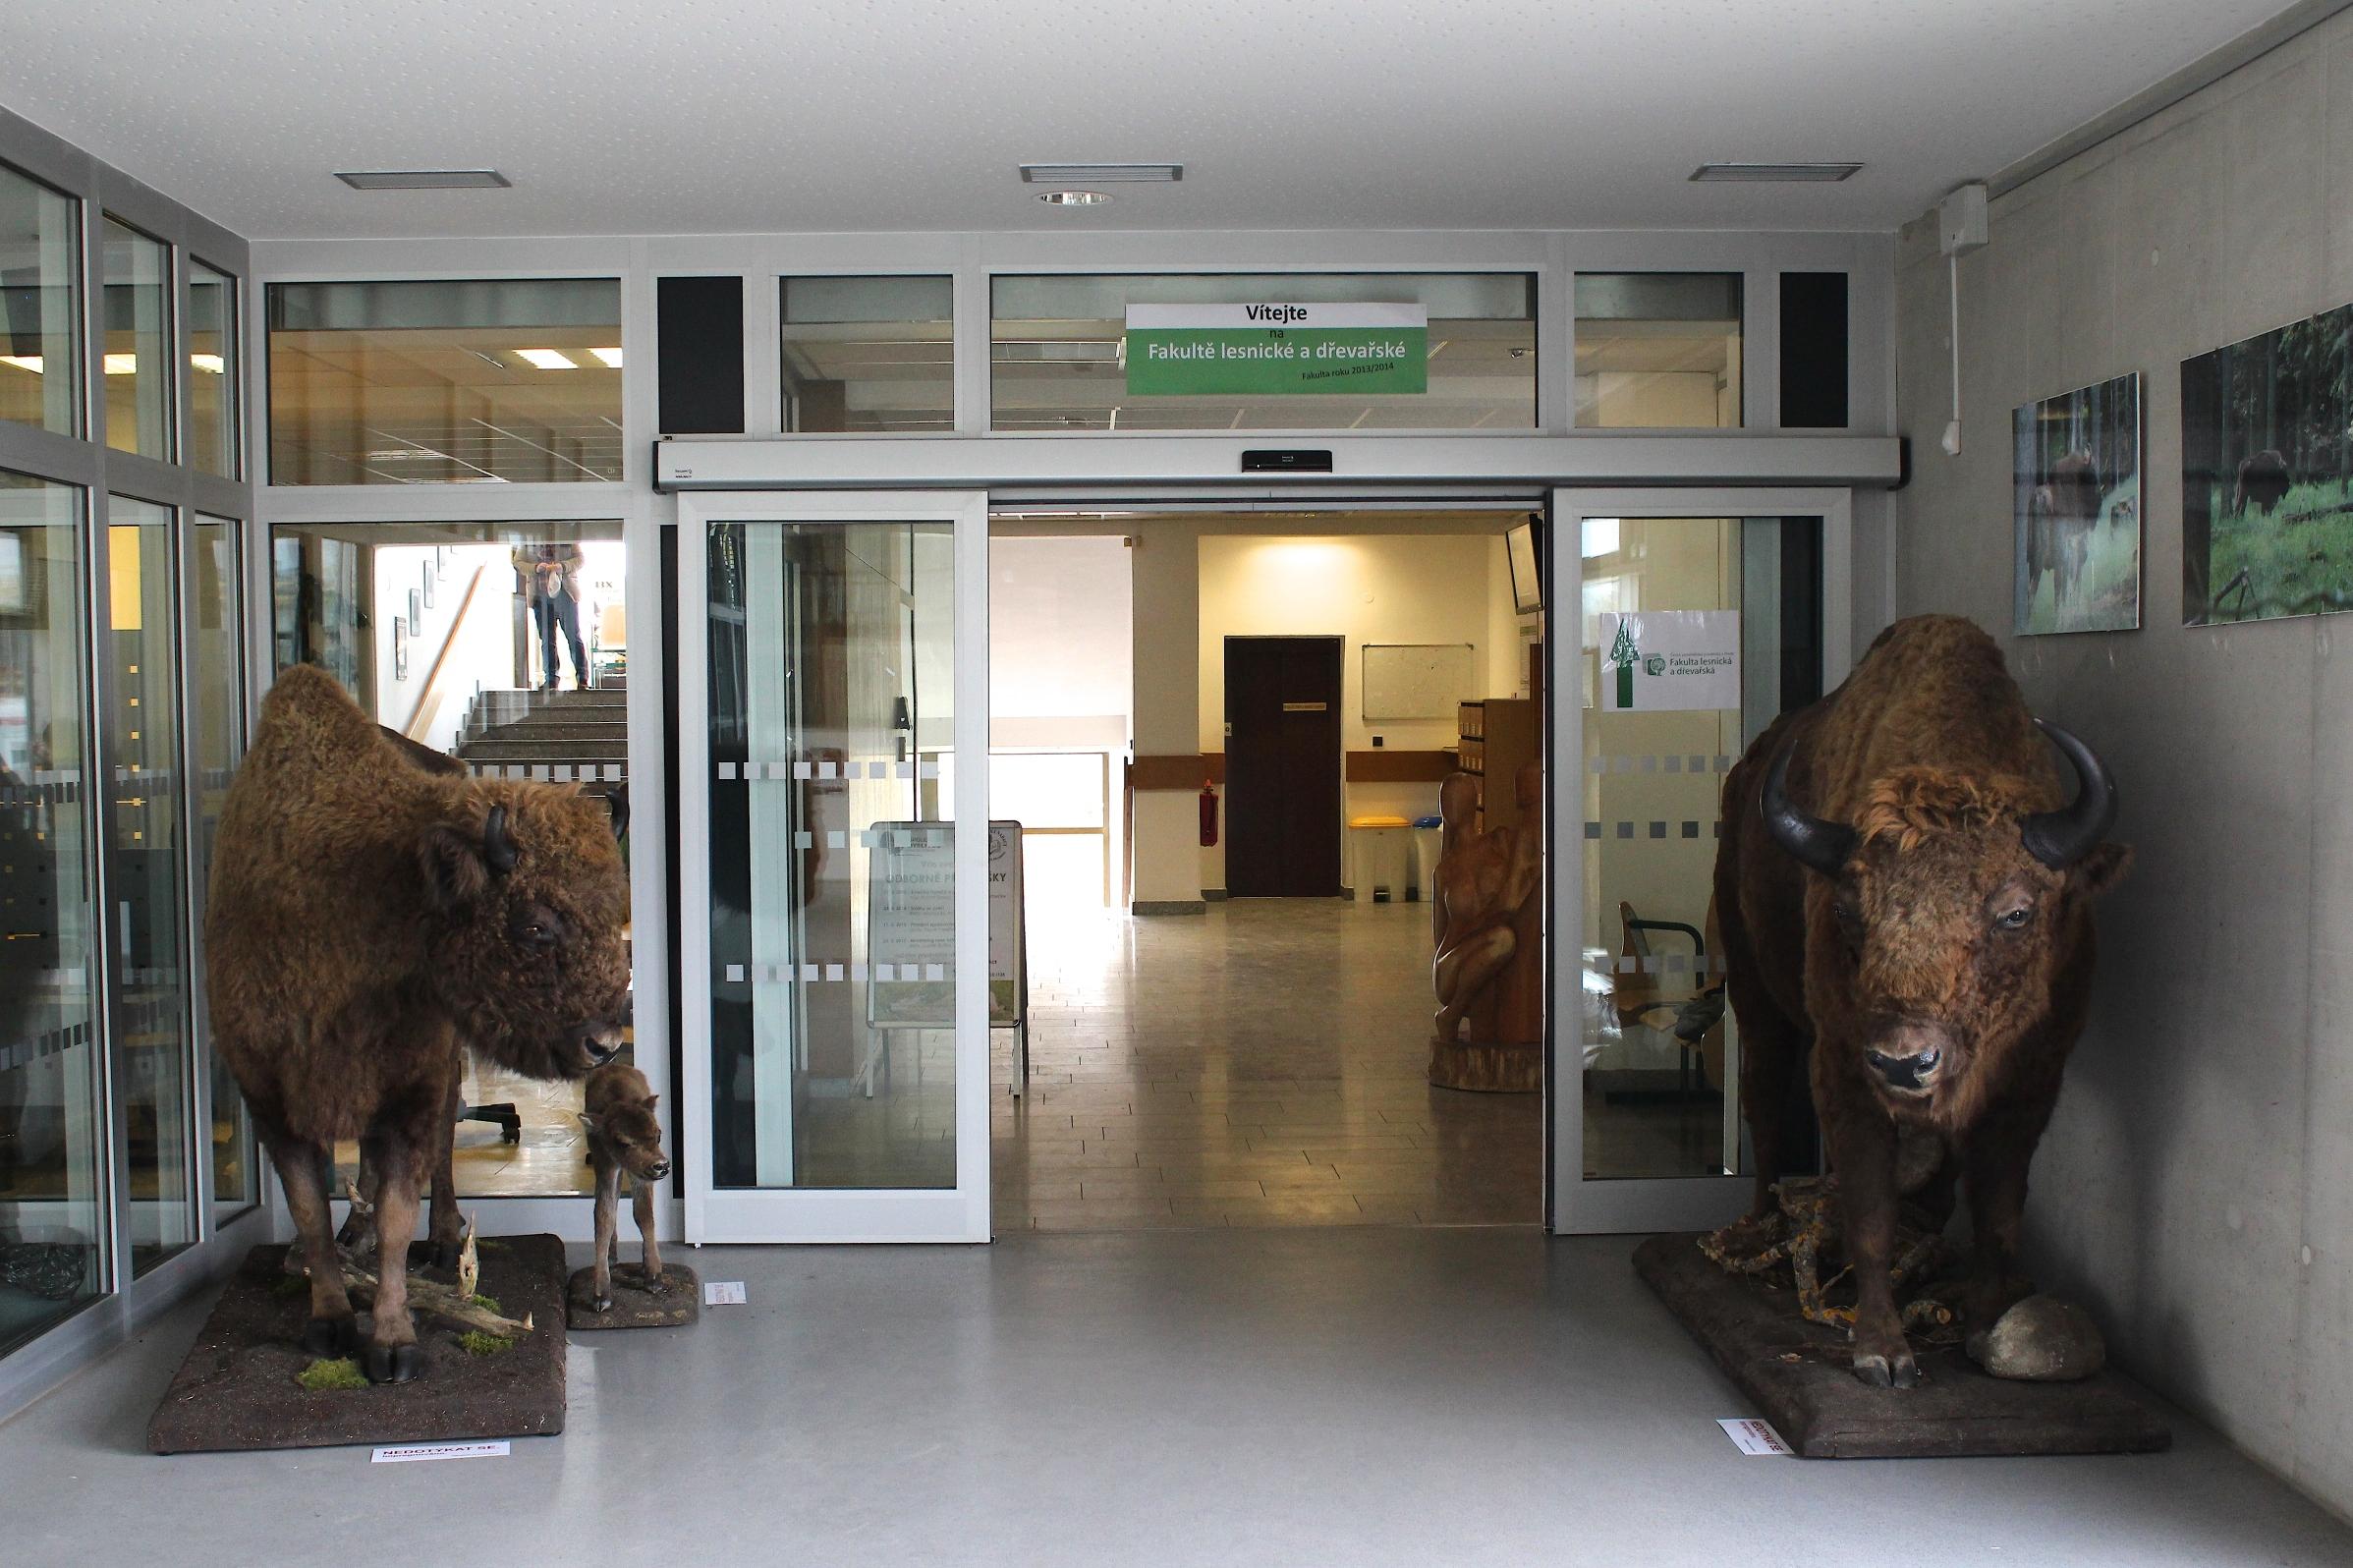 Vchod fakulty od ledna 2015 střeží zubří rodinka.